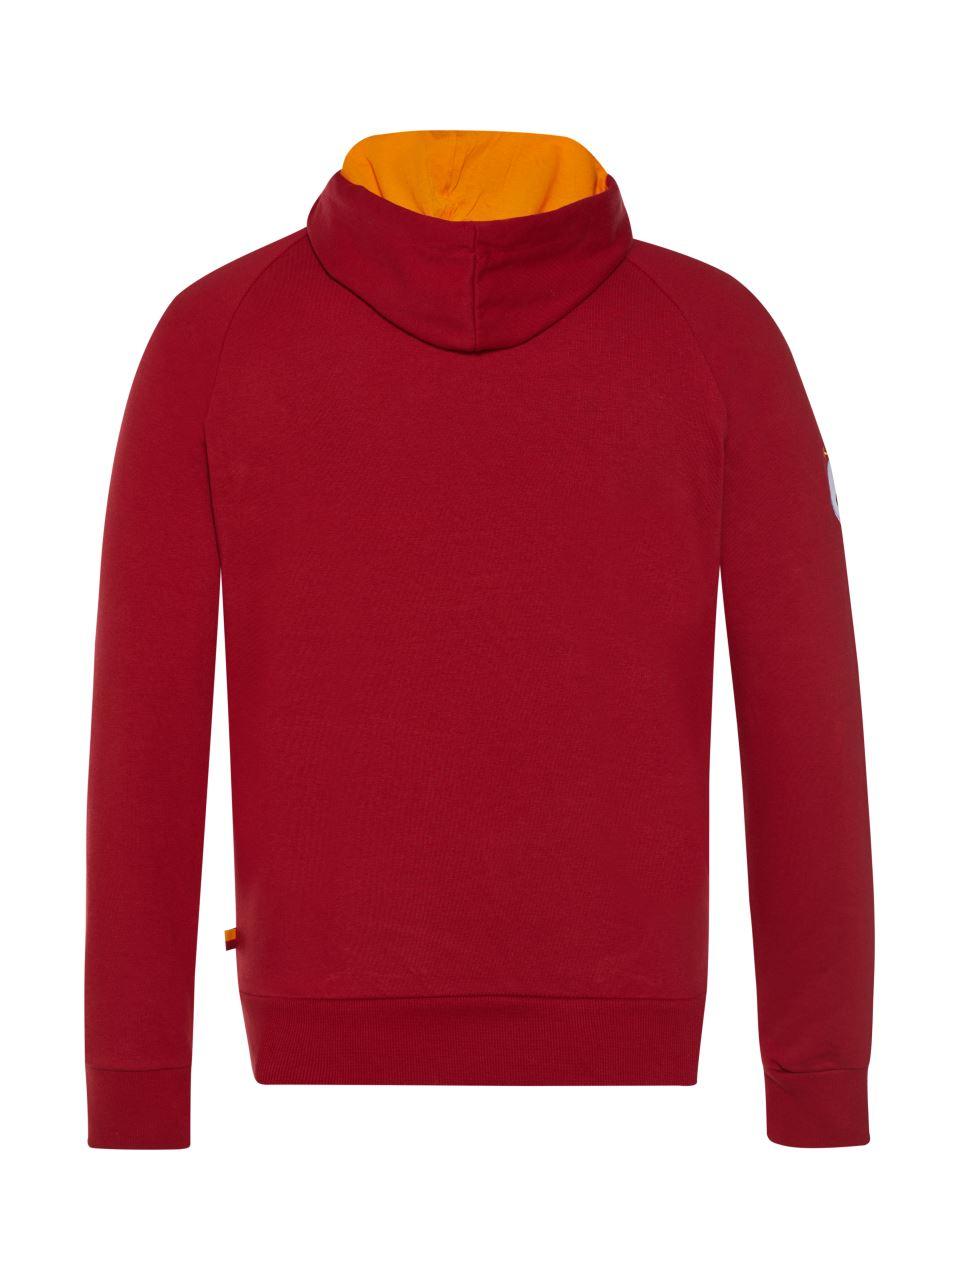 E95278 Sweatshirt